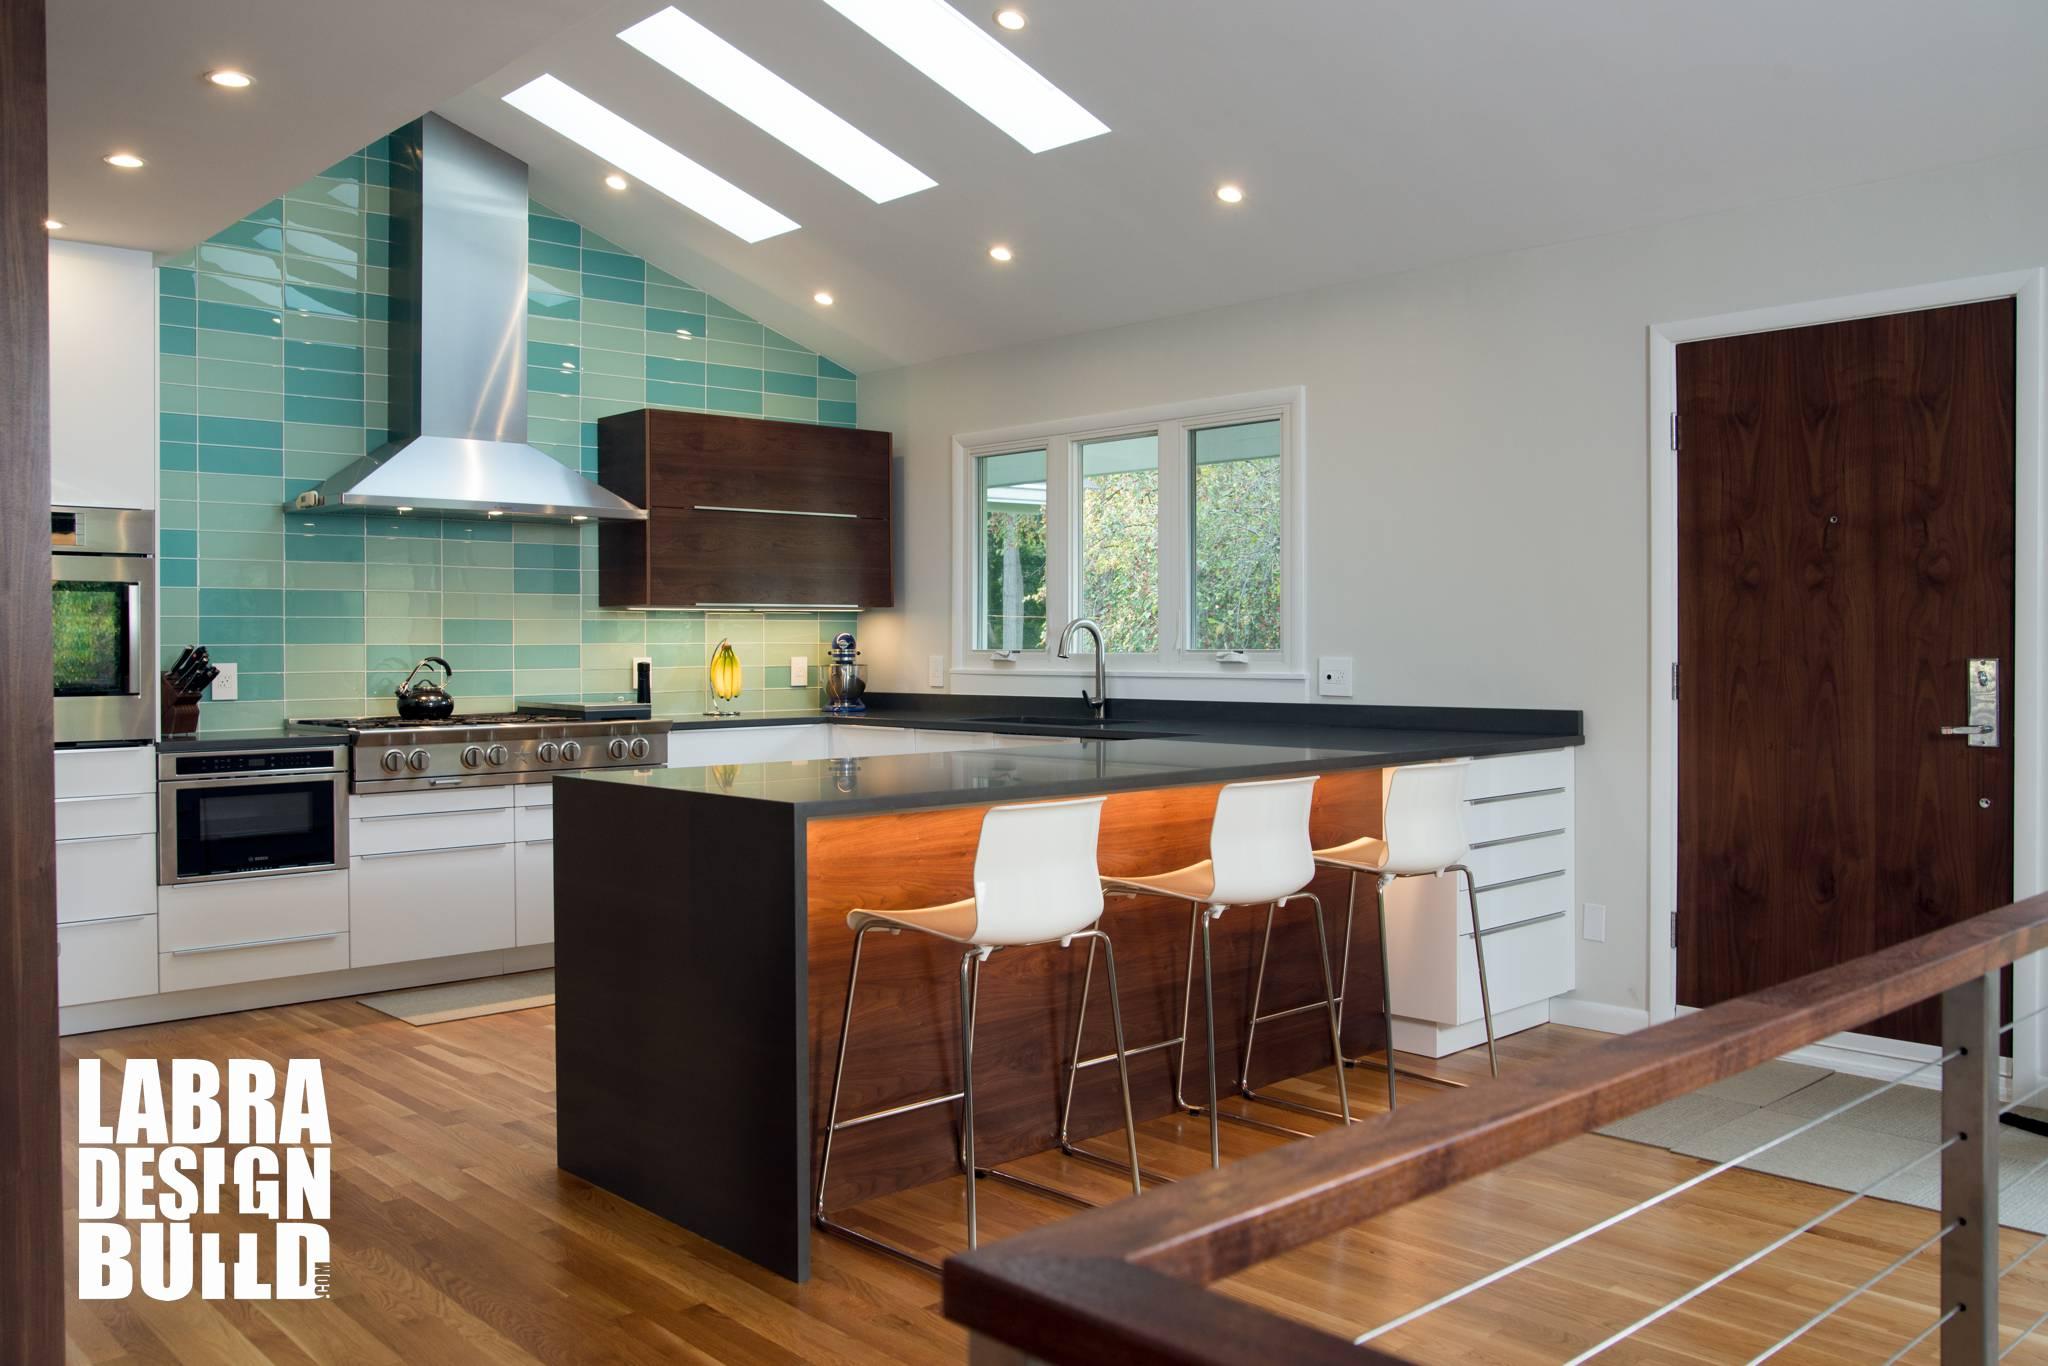 Shop colorful, contemporary backsplash tile online at modwalls. mid century modern kitchen remodel labra design build ...